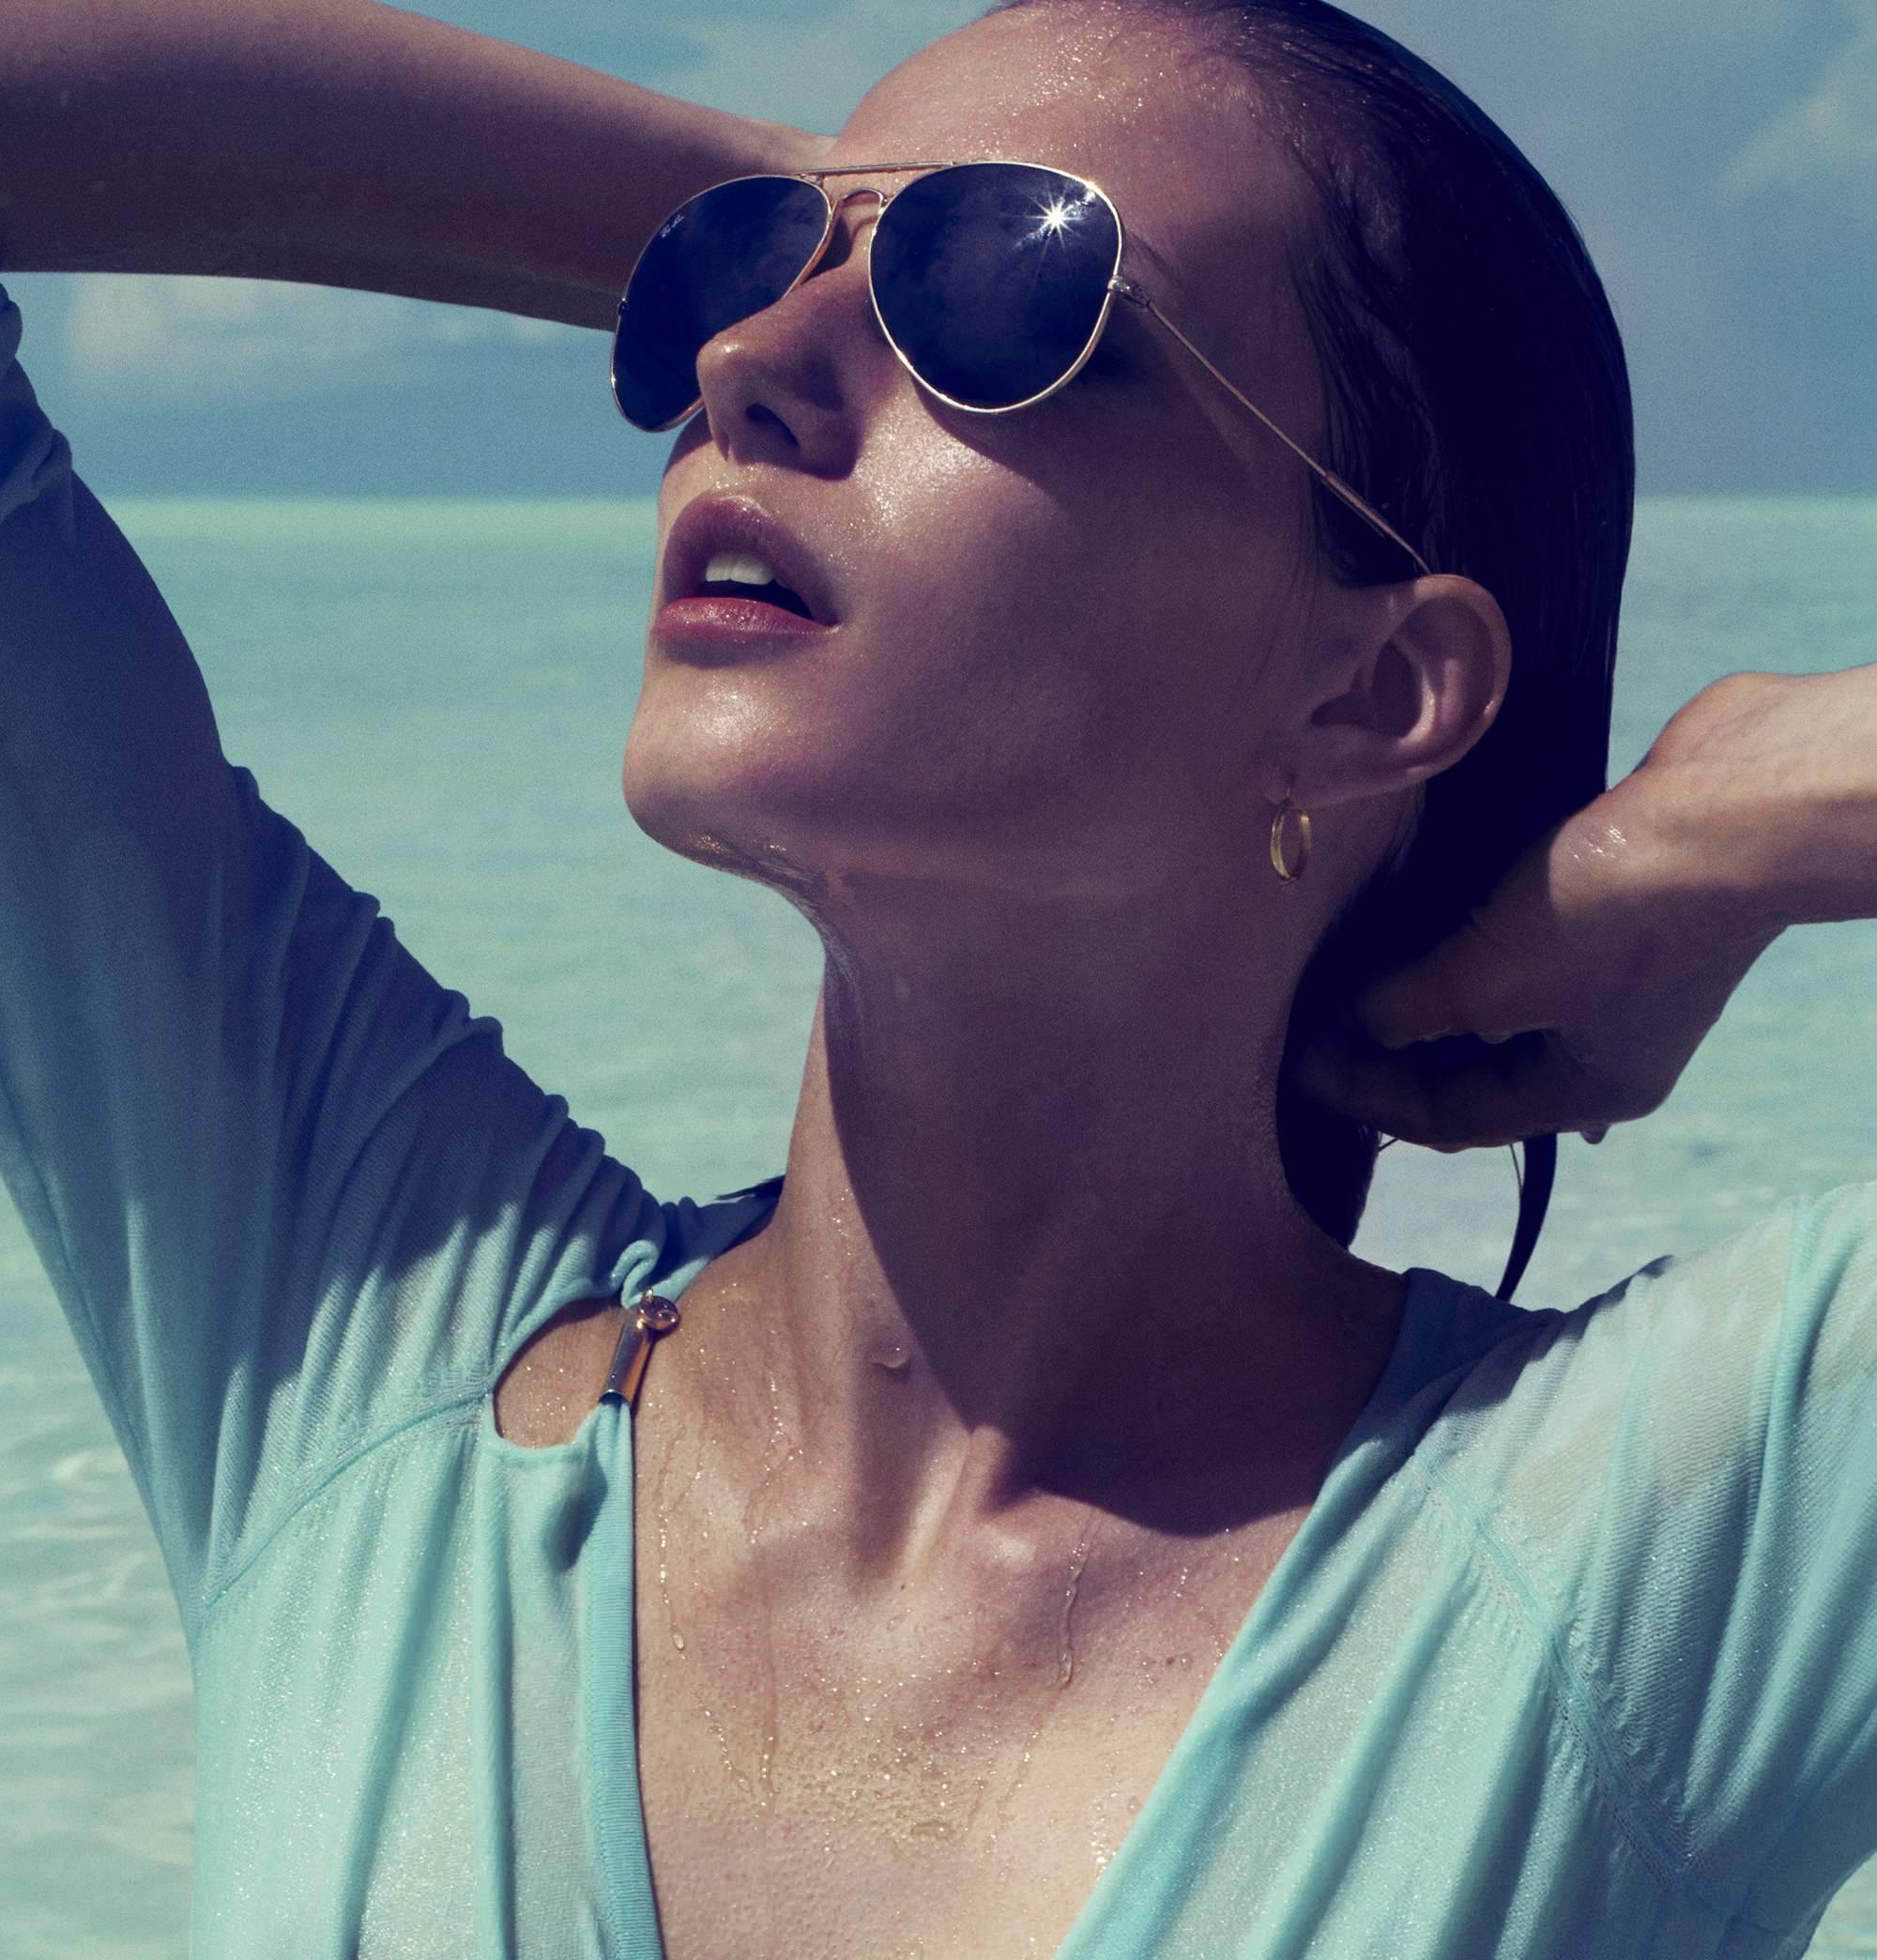 The Right Sunglasses Do Prevent Wrinkles